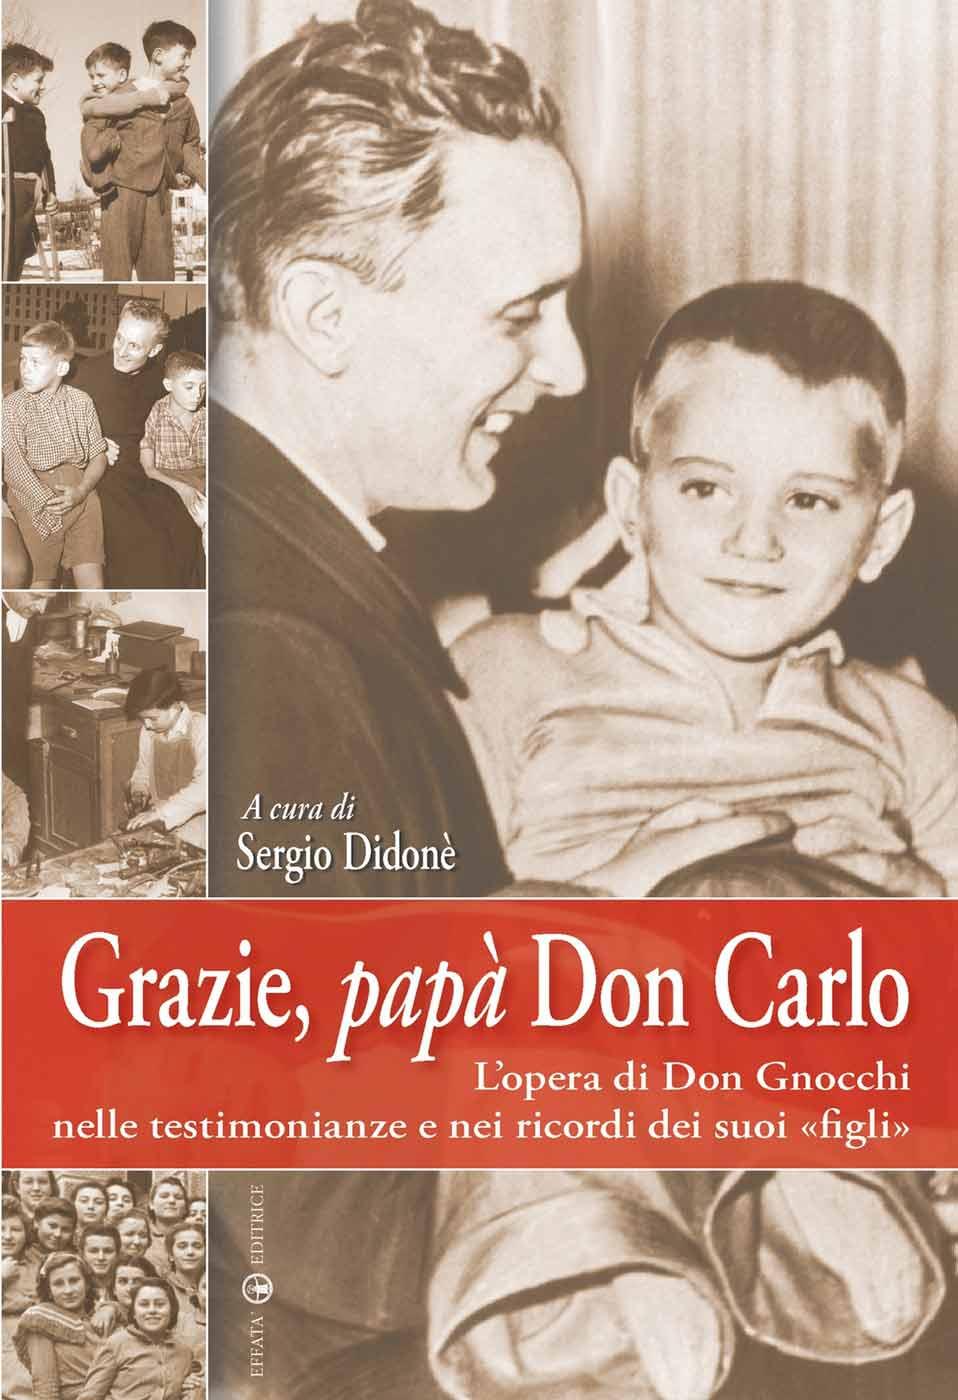 Grazie Papà Don Carlo